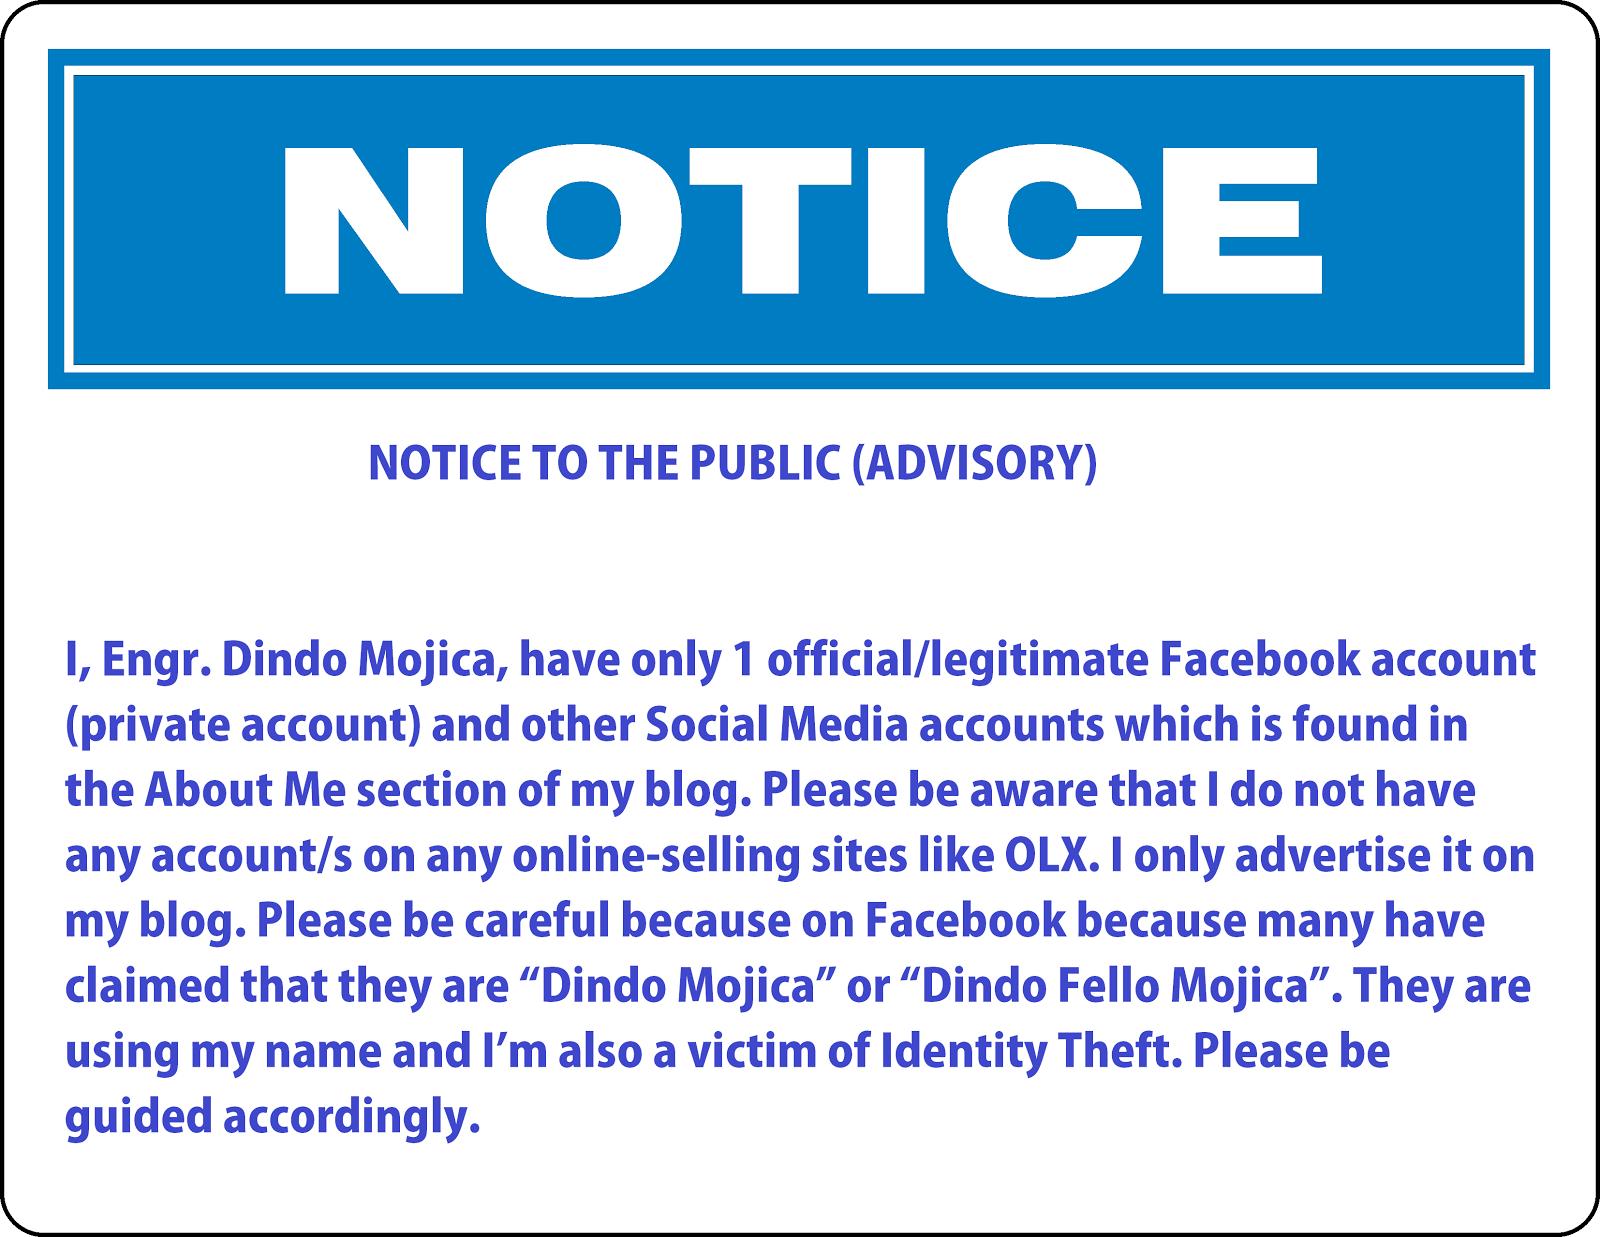 Public Advisory